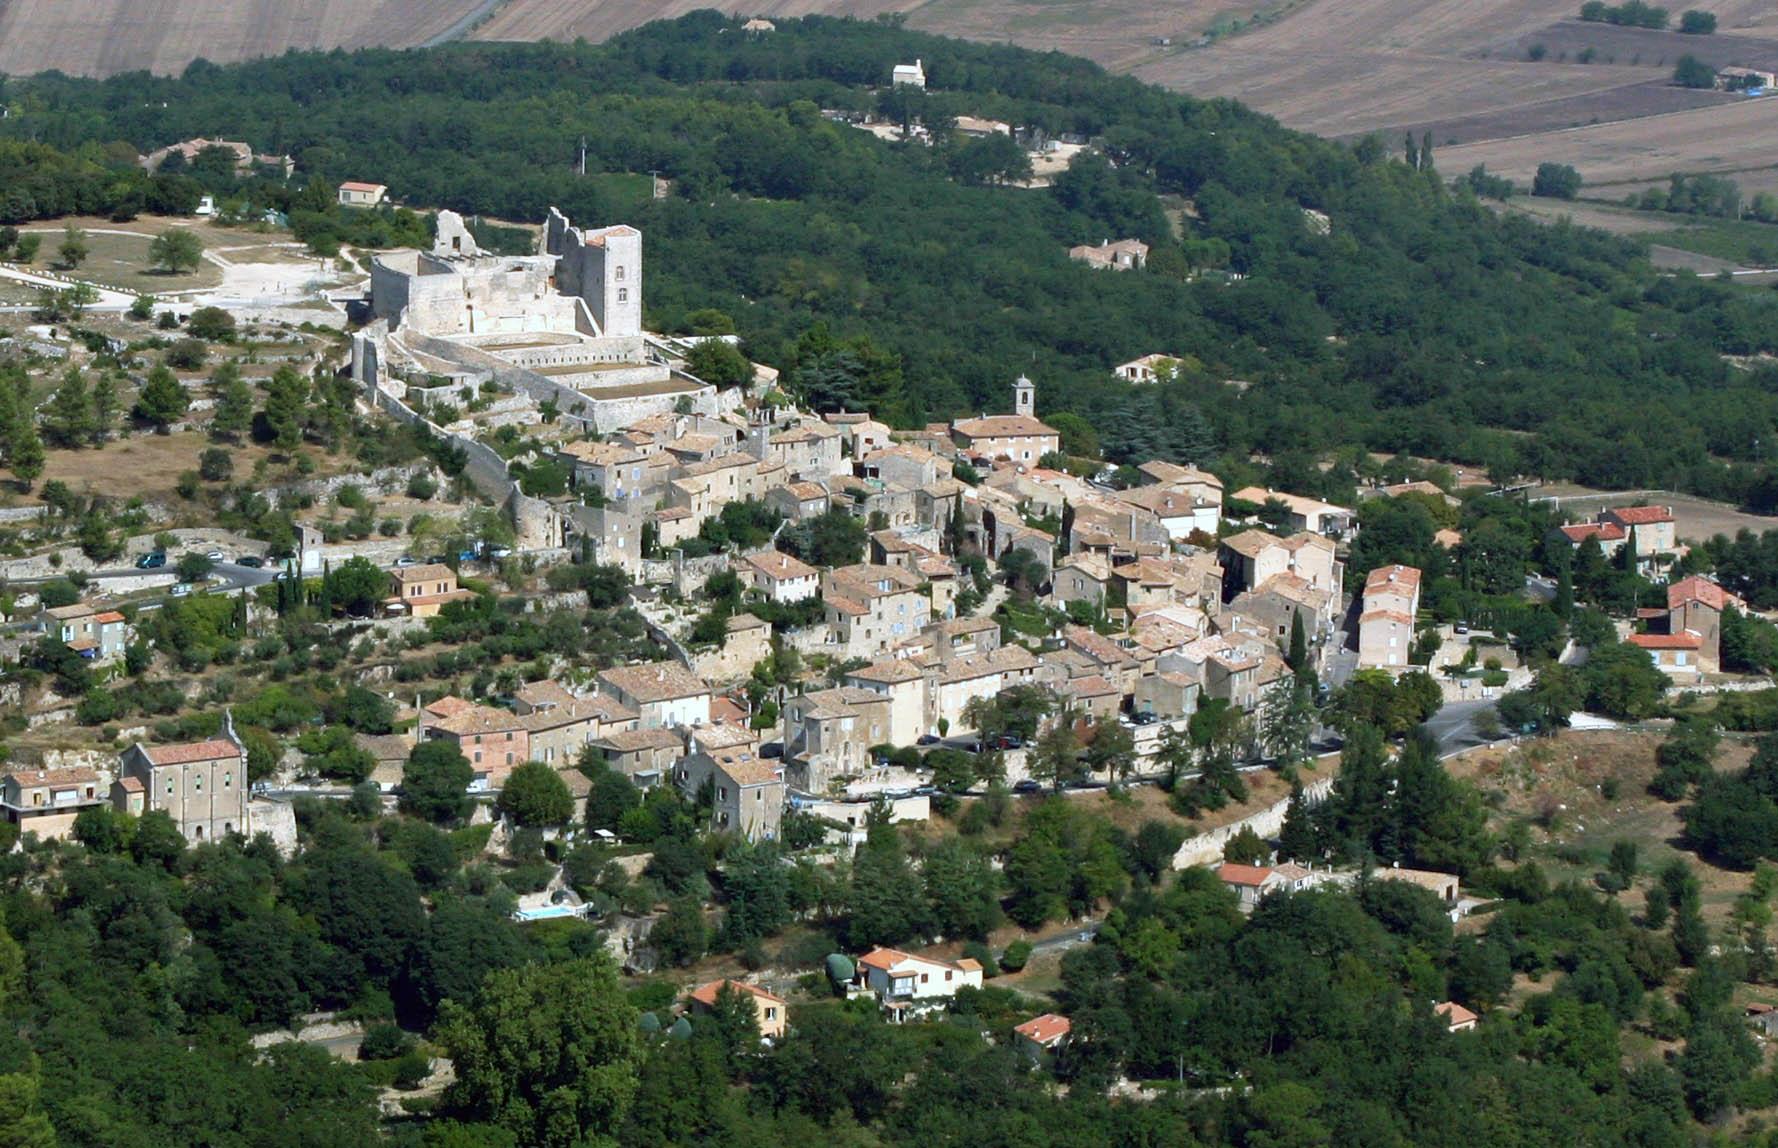 Le village de Lacoste et son chateau